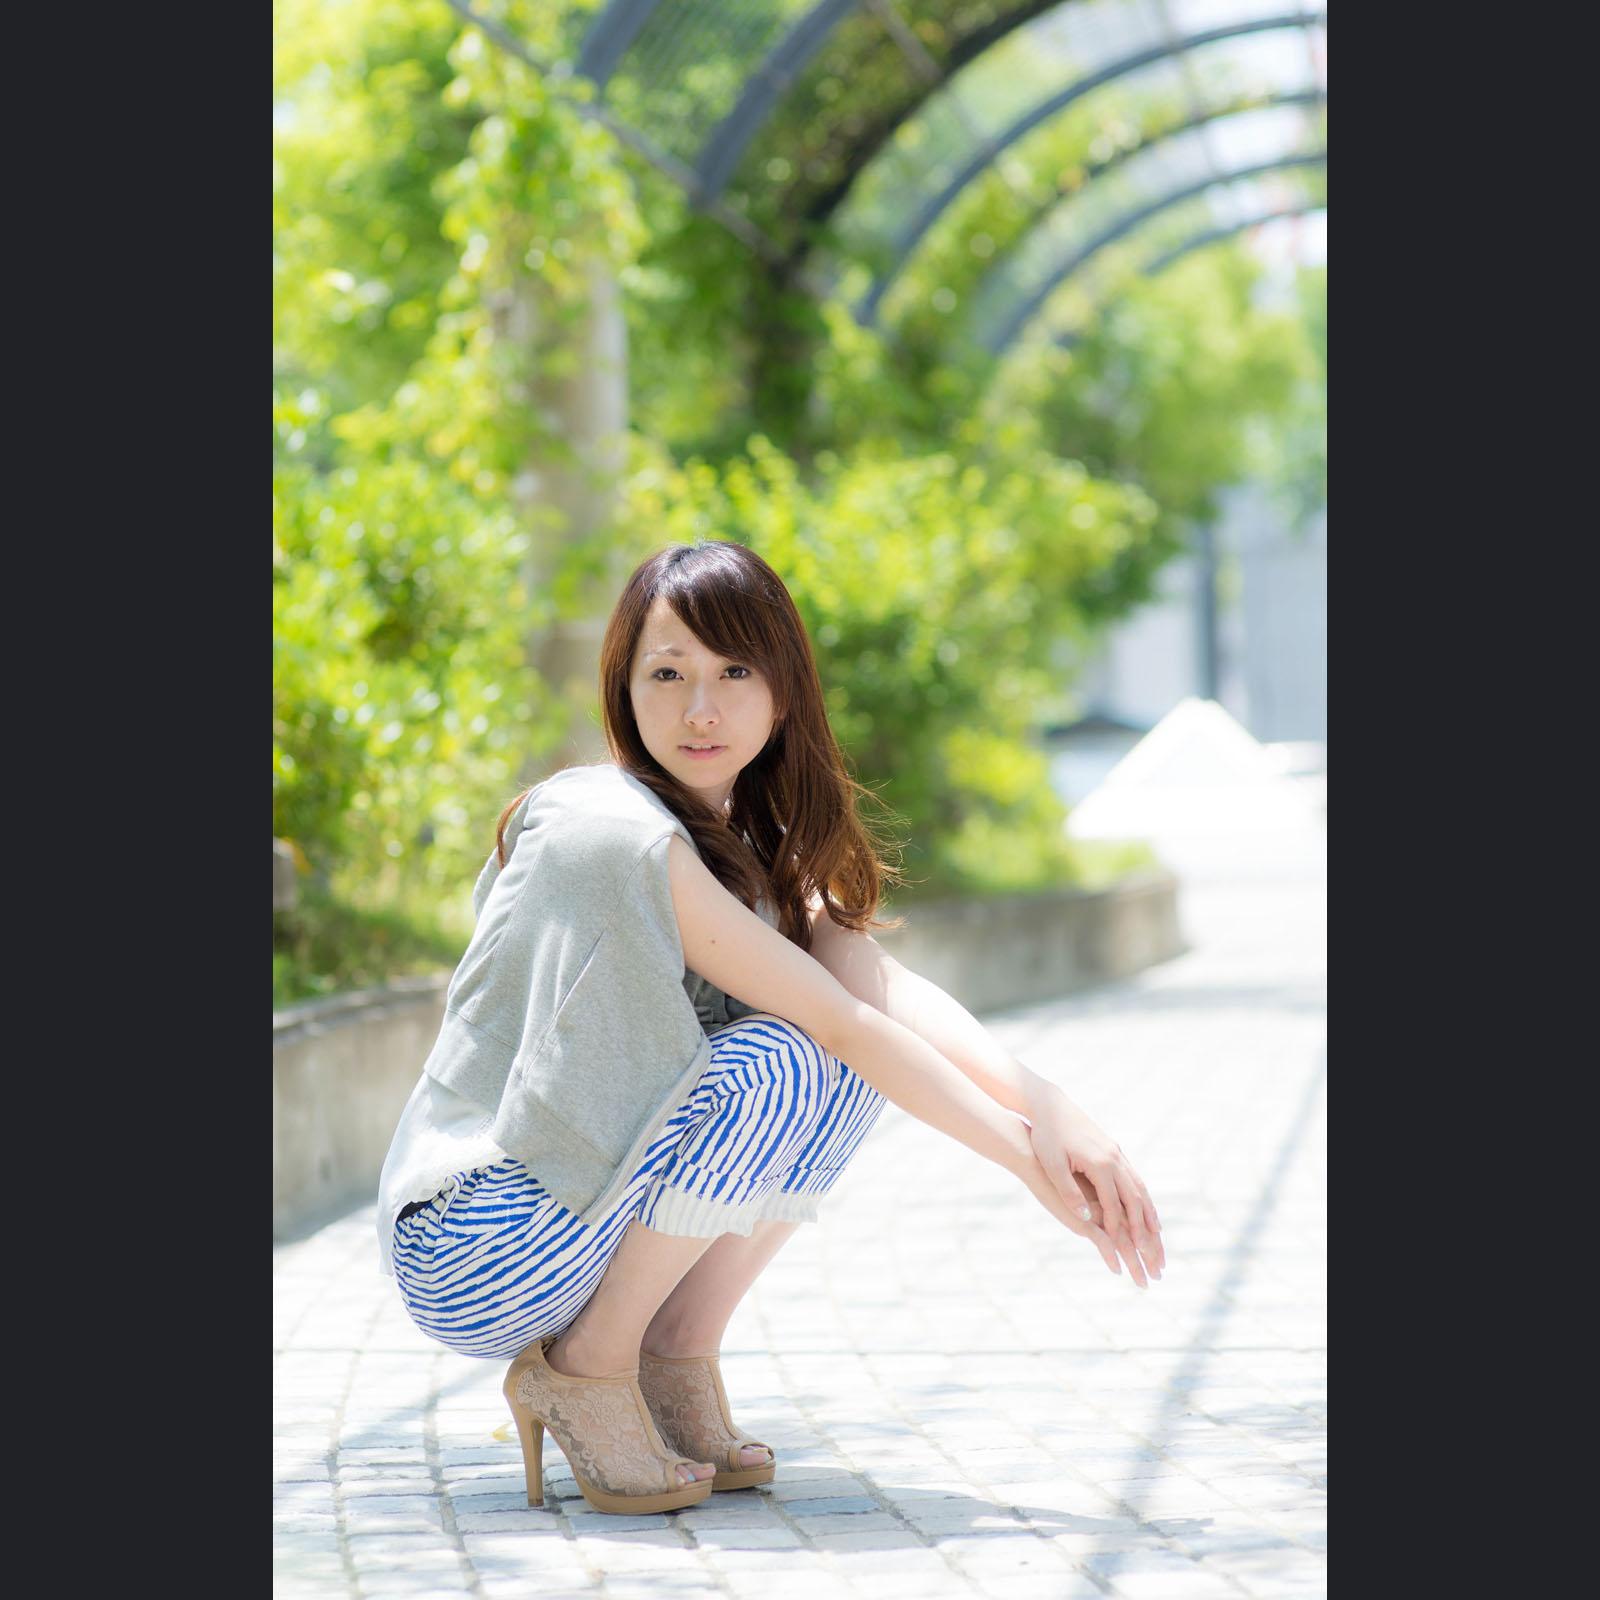 f0269385_842683.jpg